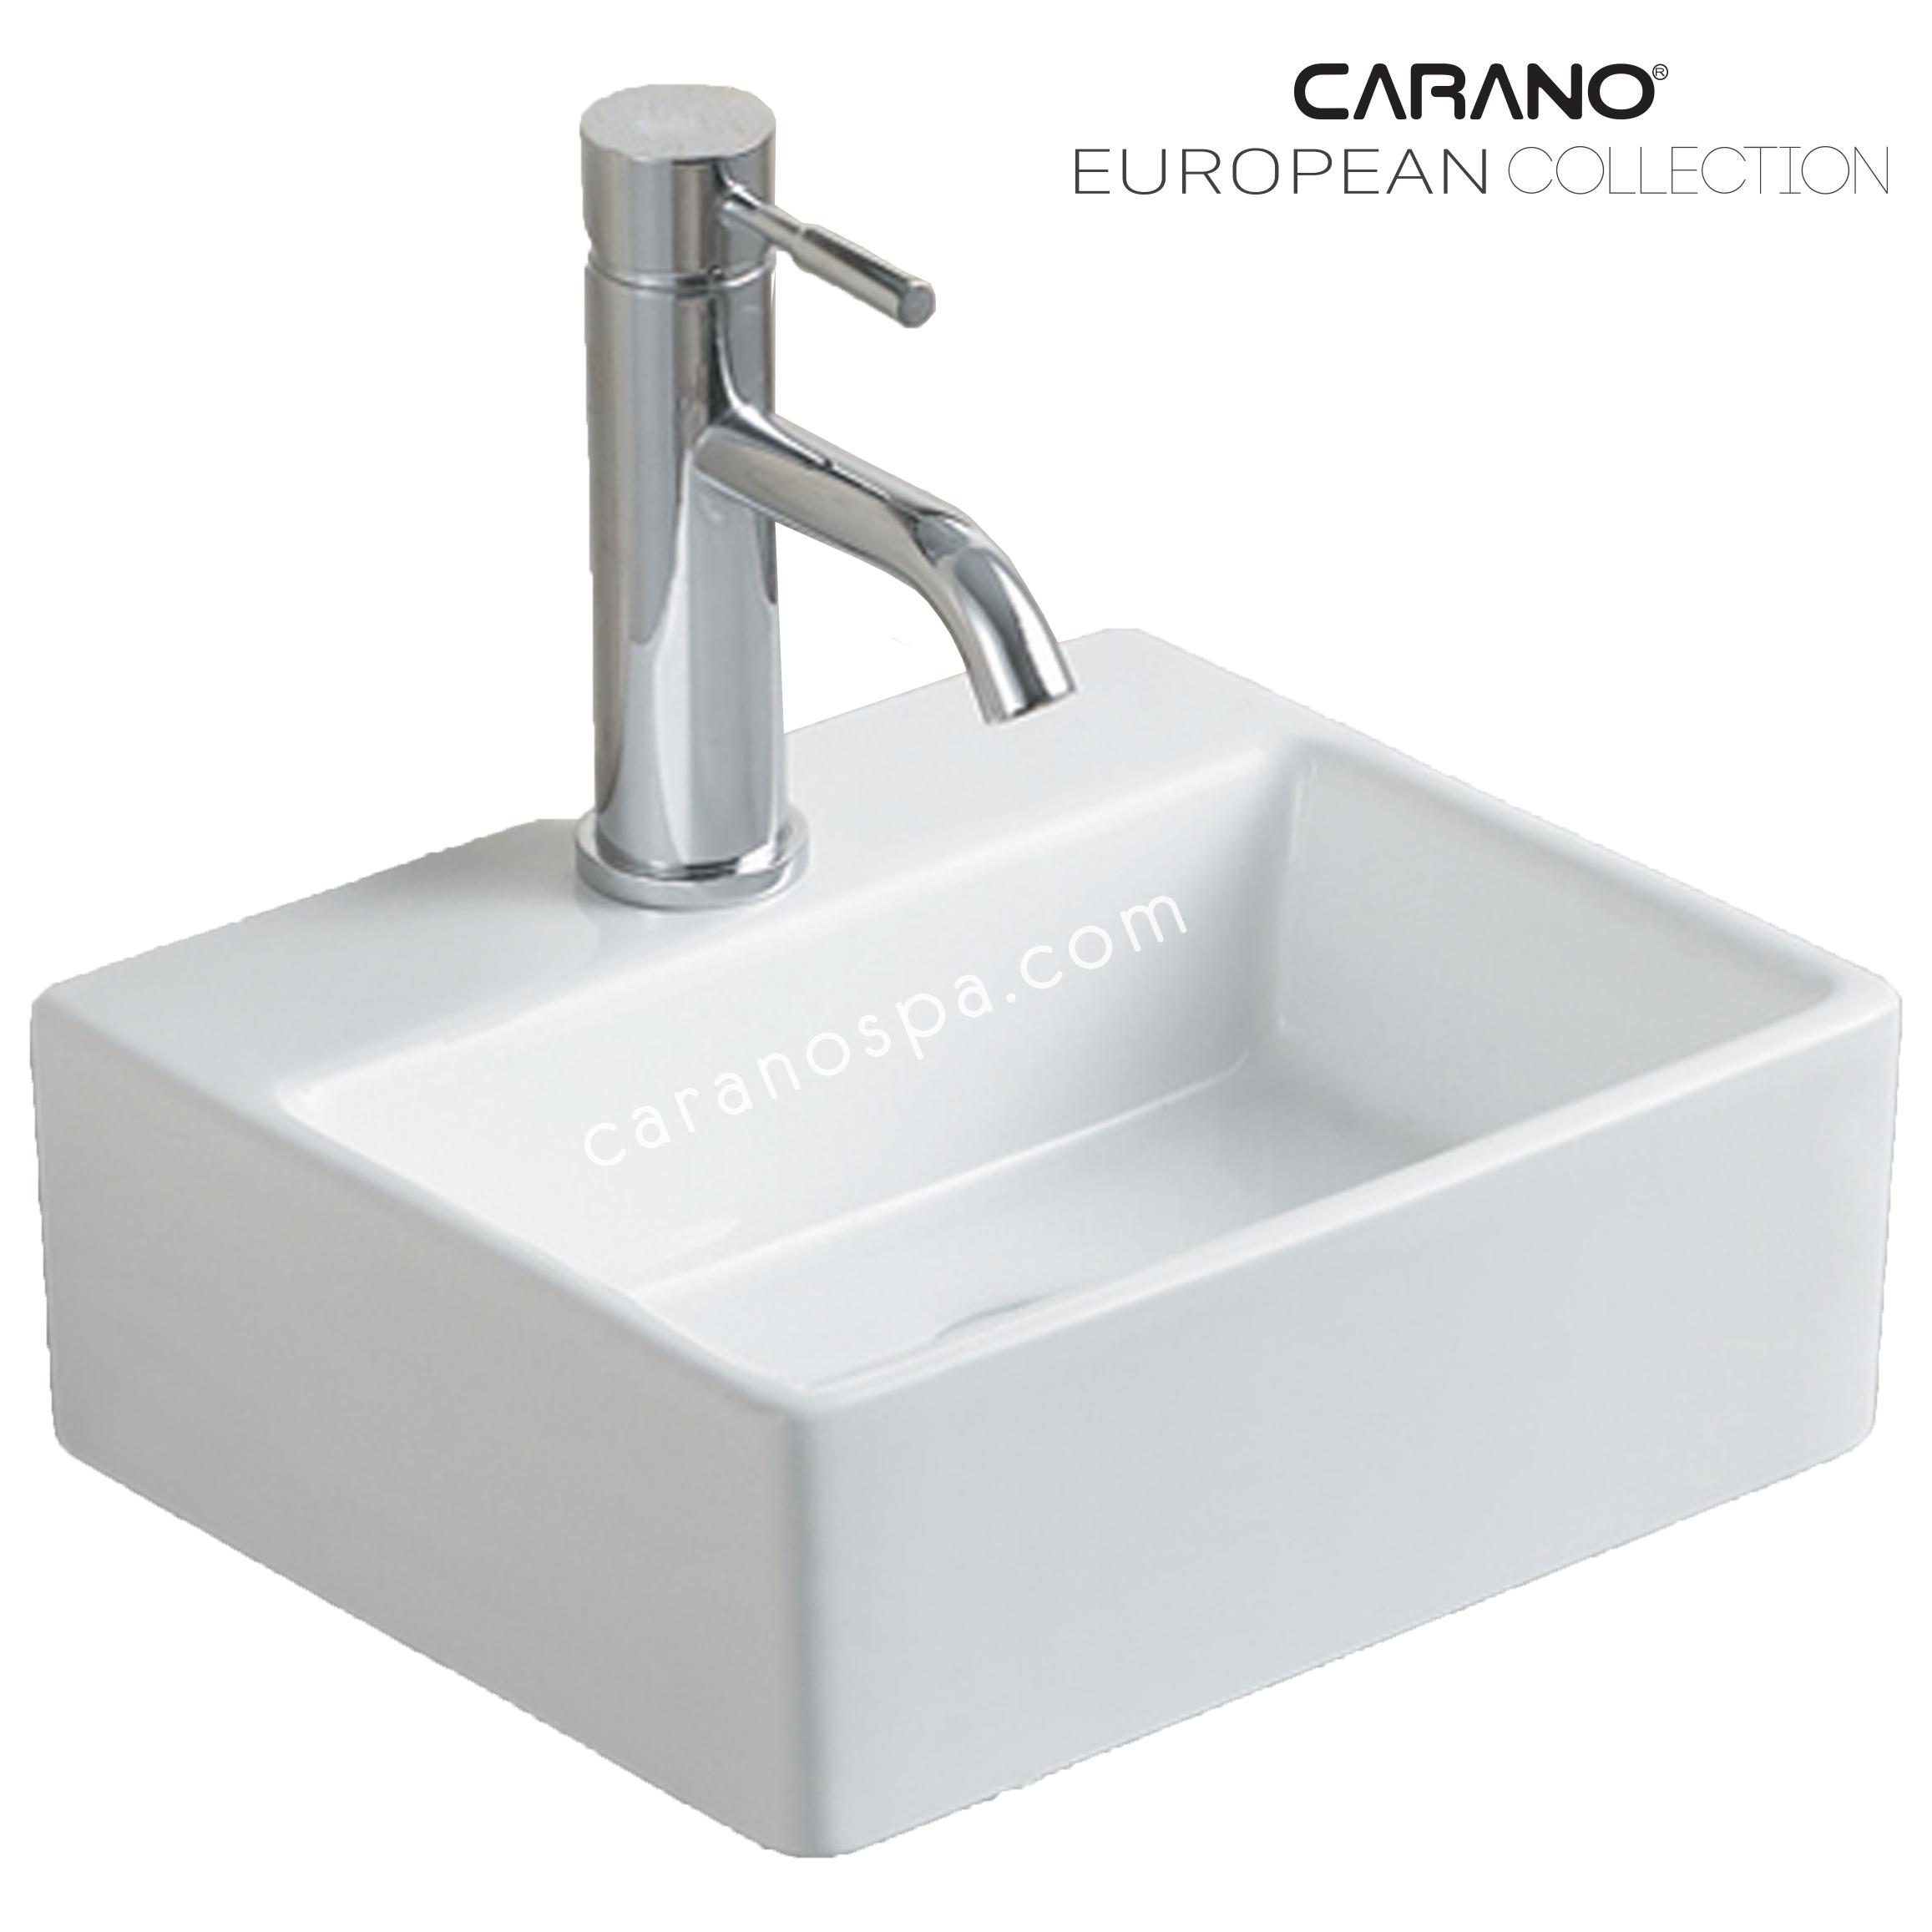 CHẬU RỬA CARANO ĐẶT BÀN LS006 (lavabo model: LS006)